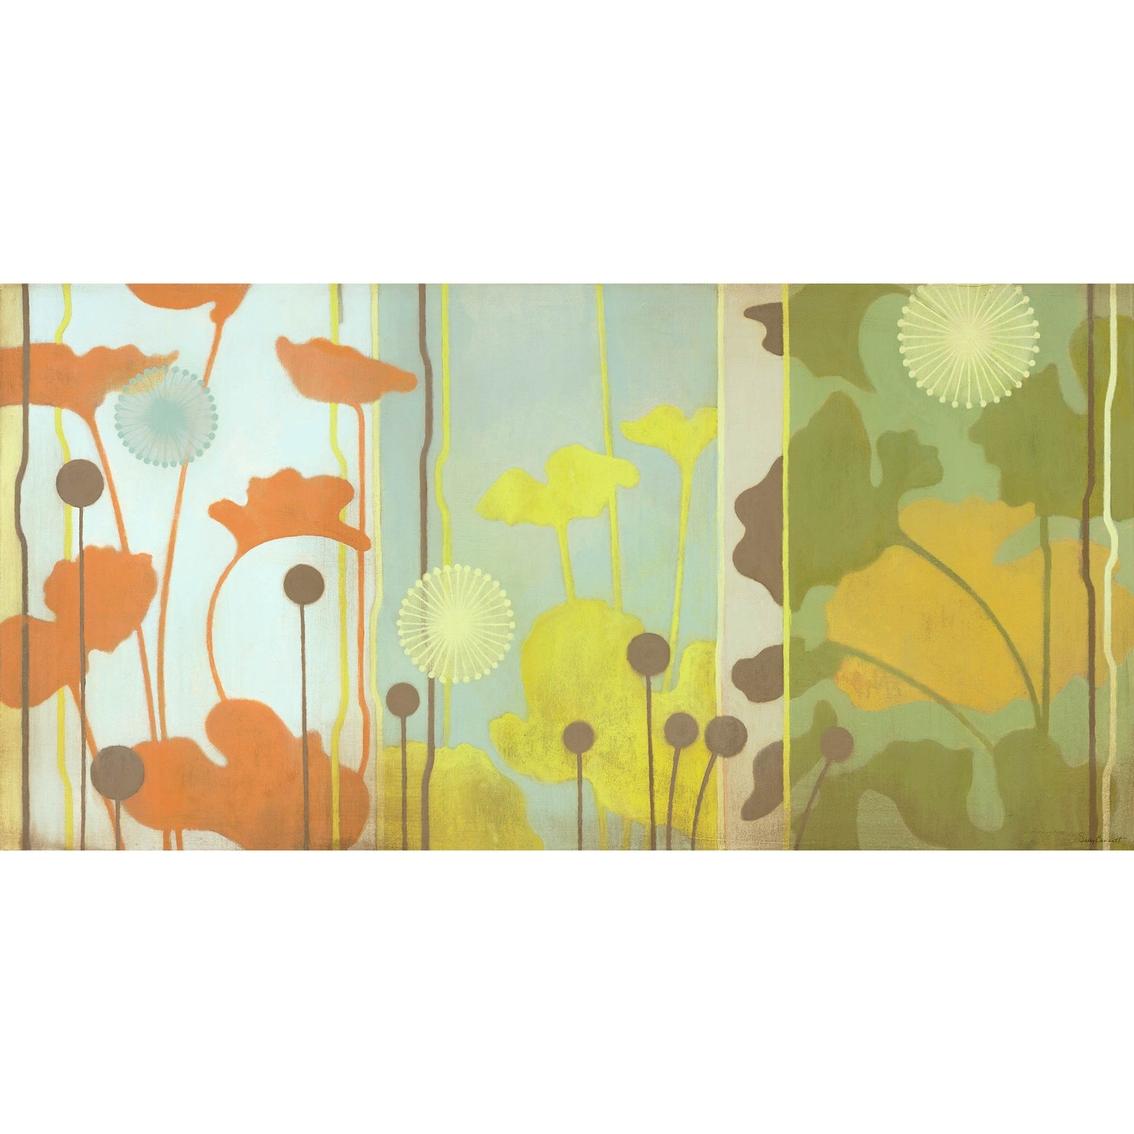 Greenbox Art Weeds Canvas Wall Art | Landscape & Nature | Home ...